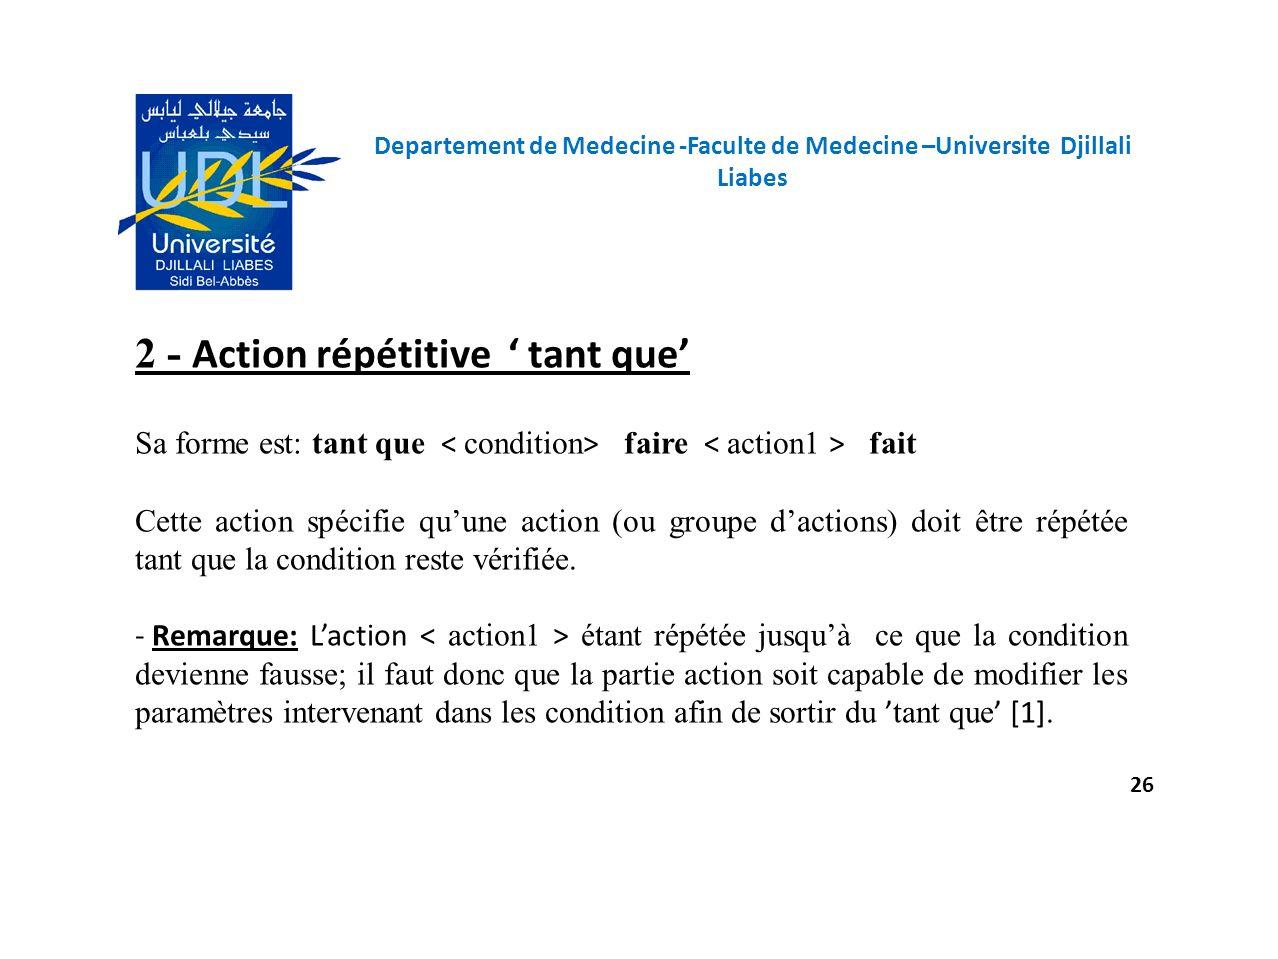 2 - Action répétitive ' tant que'